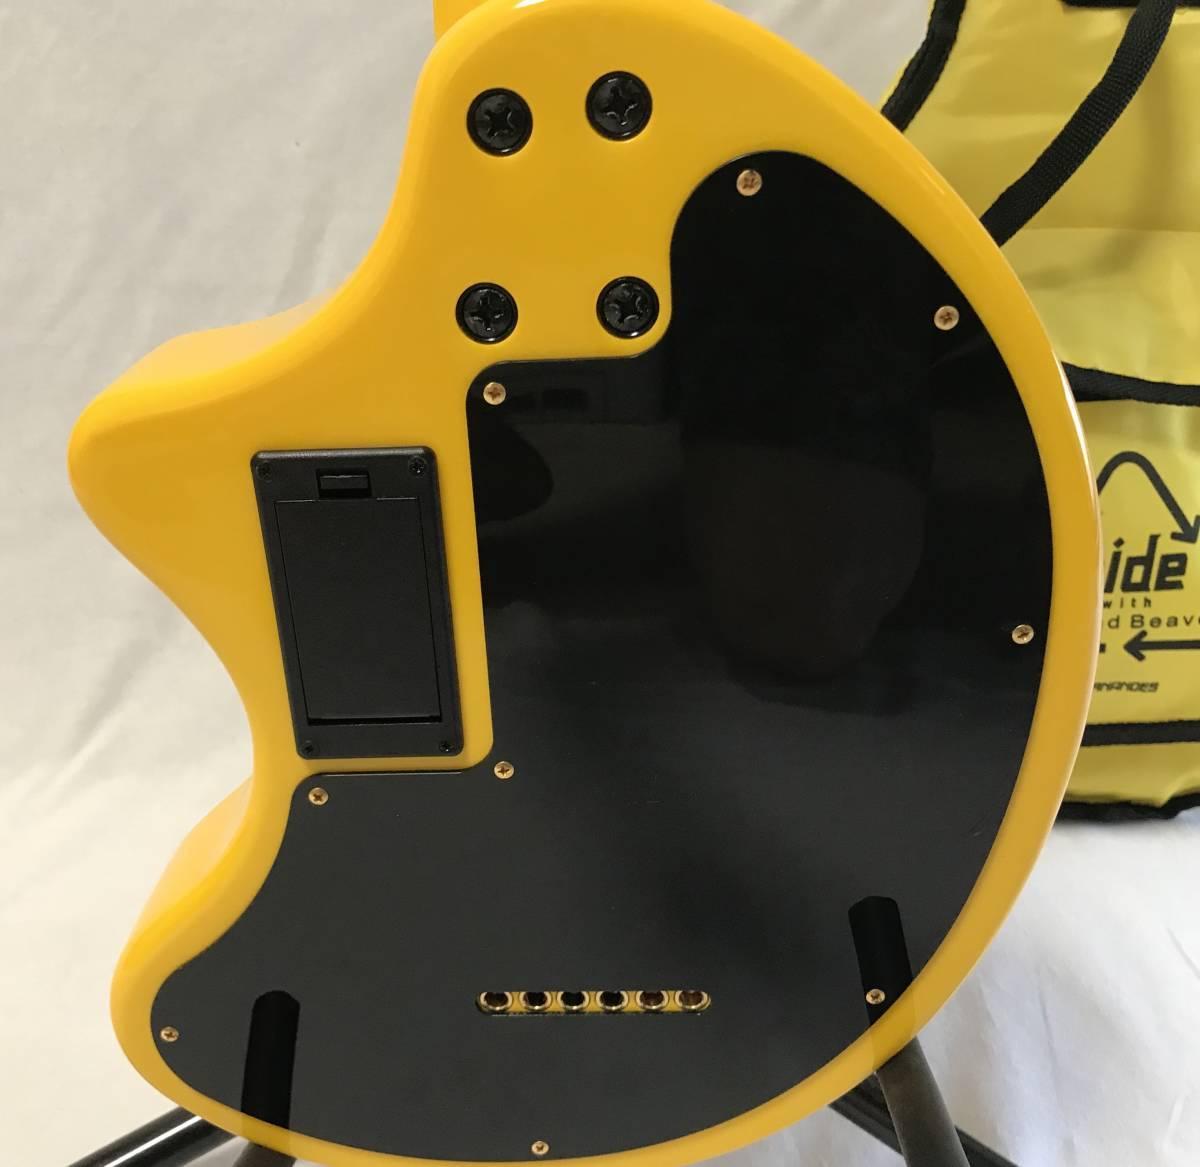 【希少・レア】FERNANDES フェルナンデス ZO-3 イエローハート hideモデル 初回生産500本 オリジナルケース付 YELLOW HEART-ZO 定価\44,940_画像5